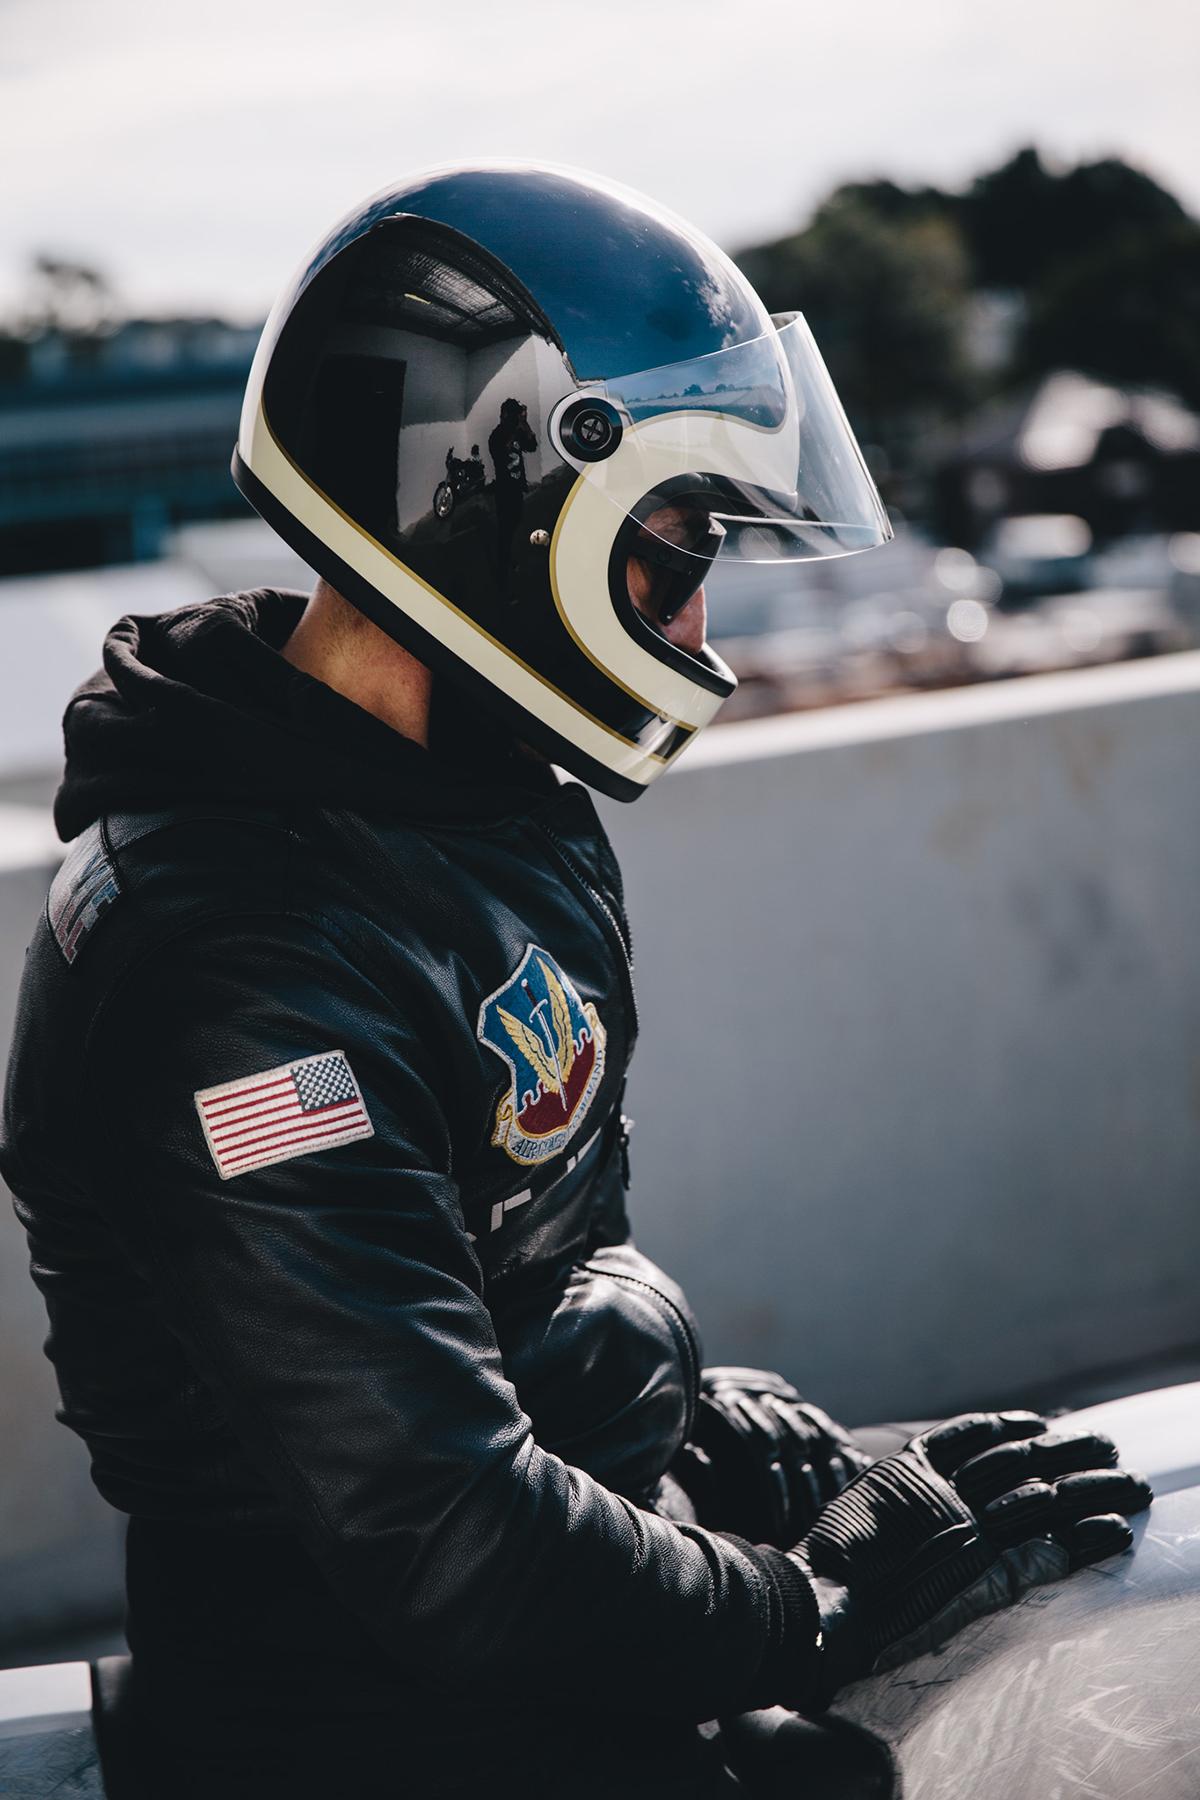 BMW_RNineT_Cafe_Racer_7377